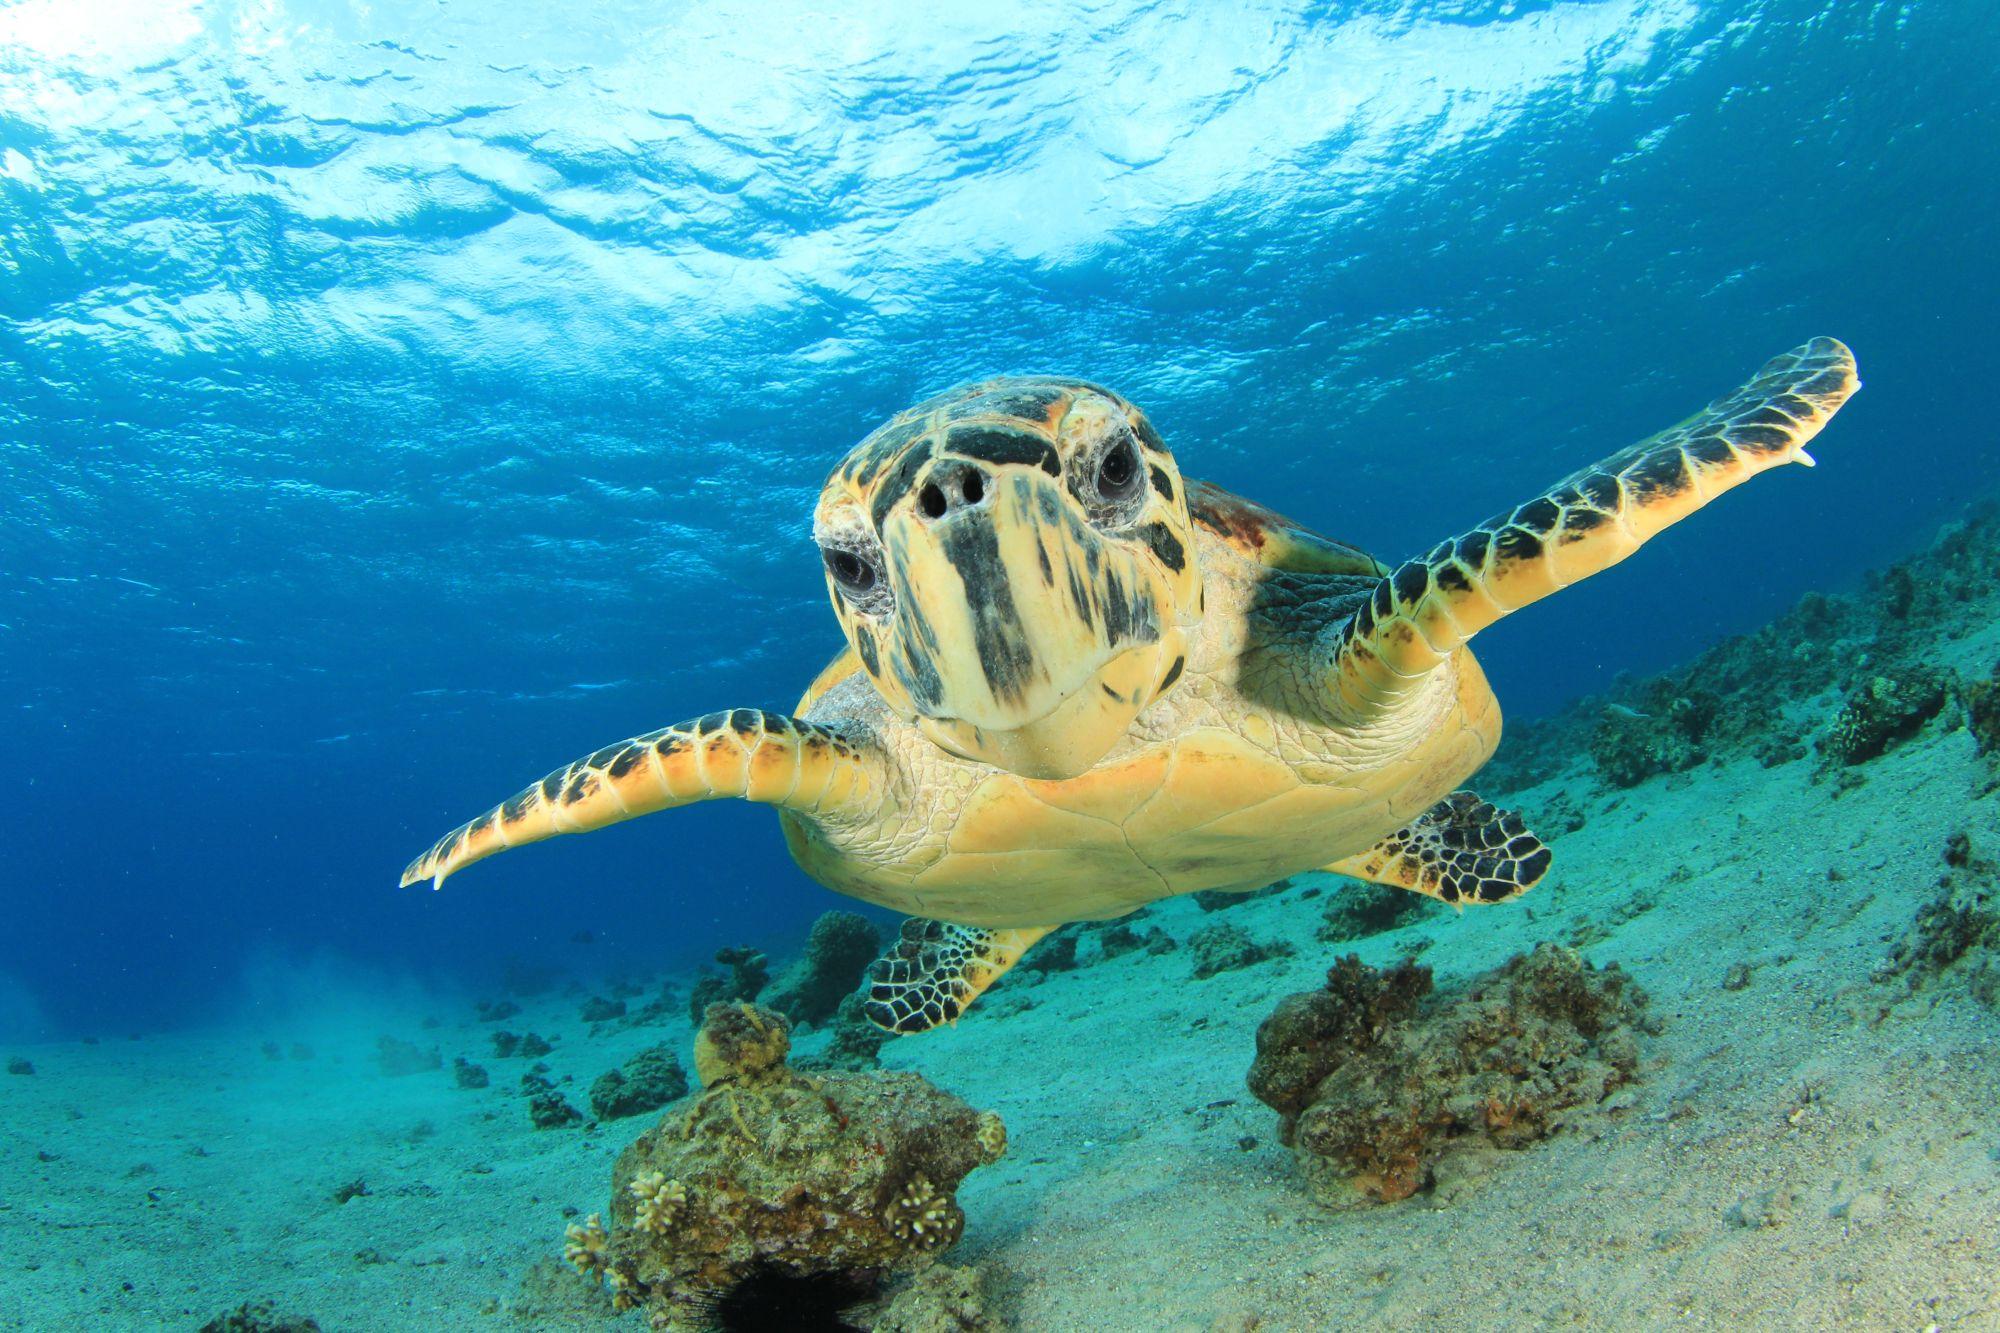 Żółw pływający w morzu